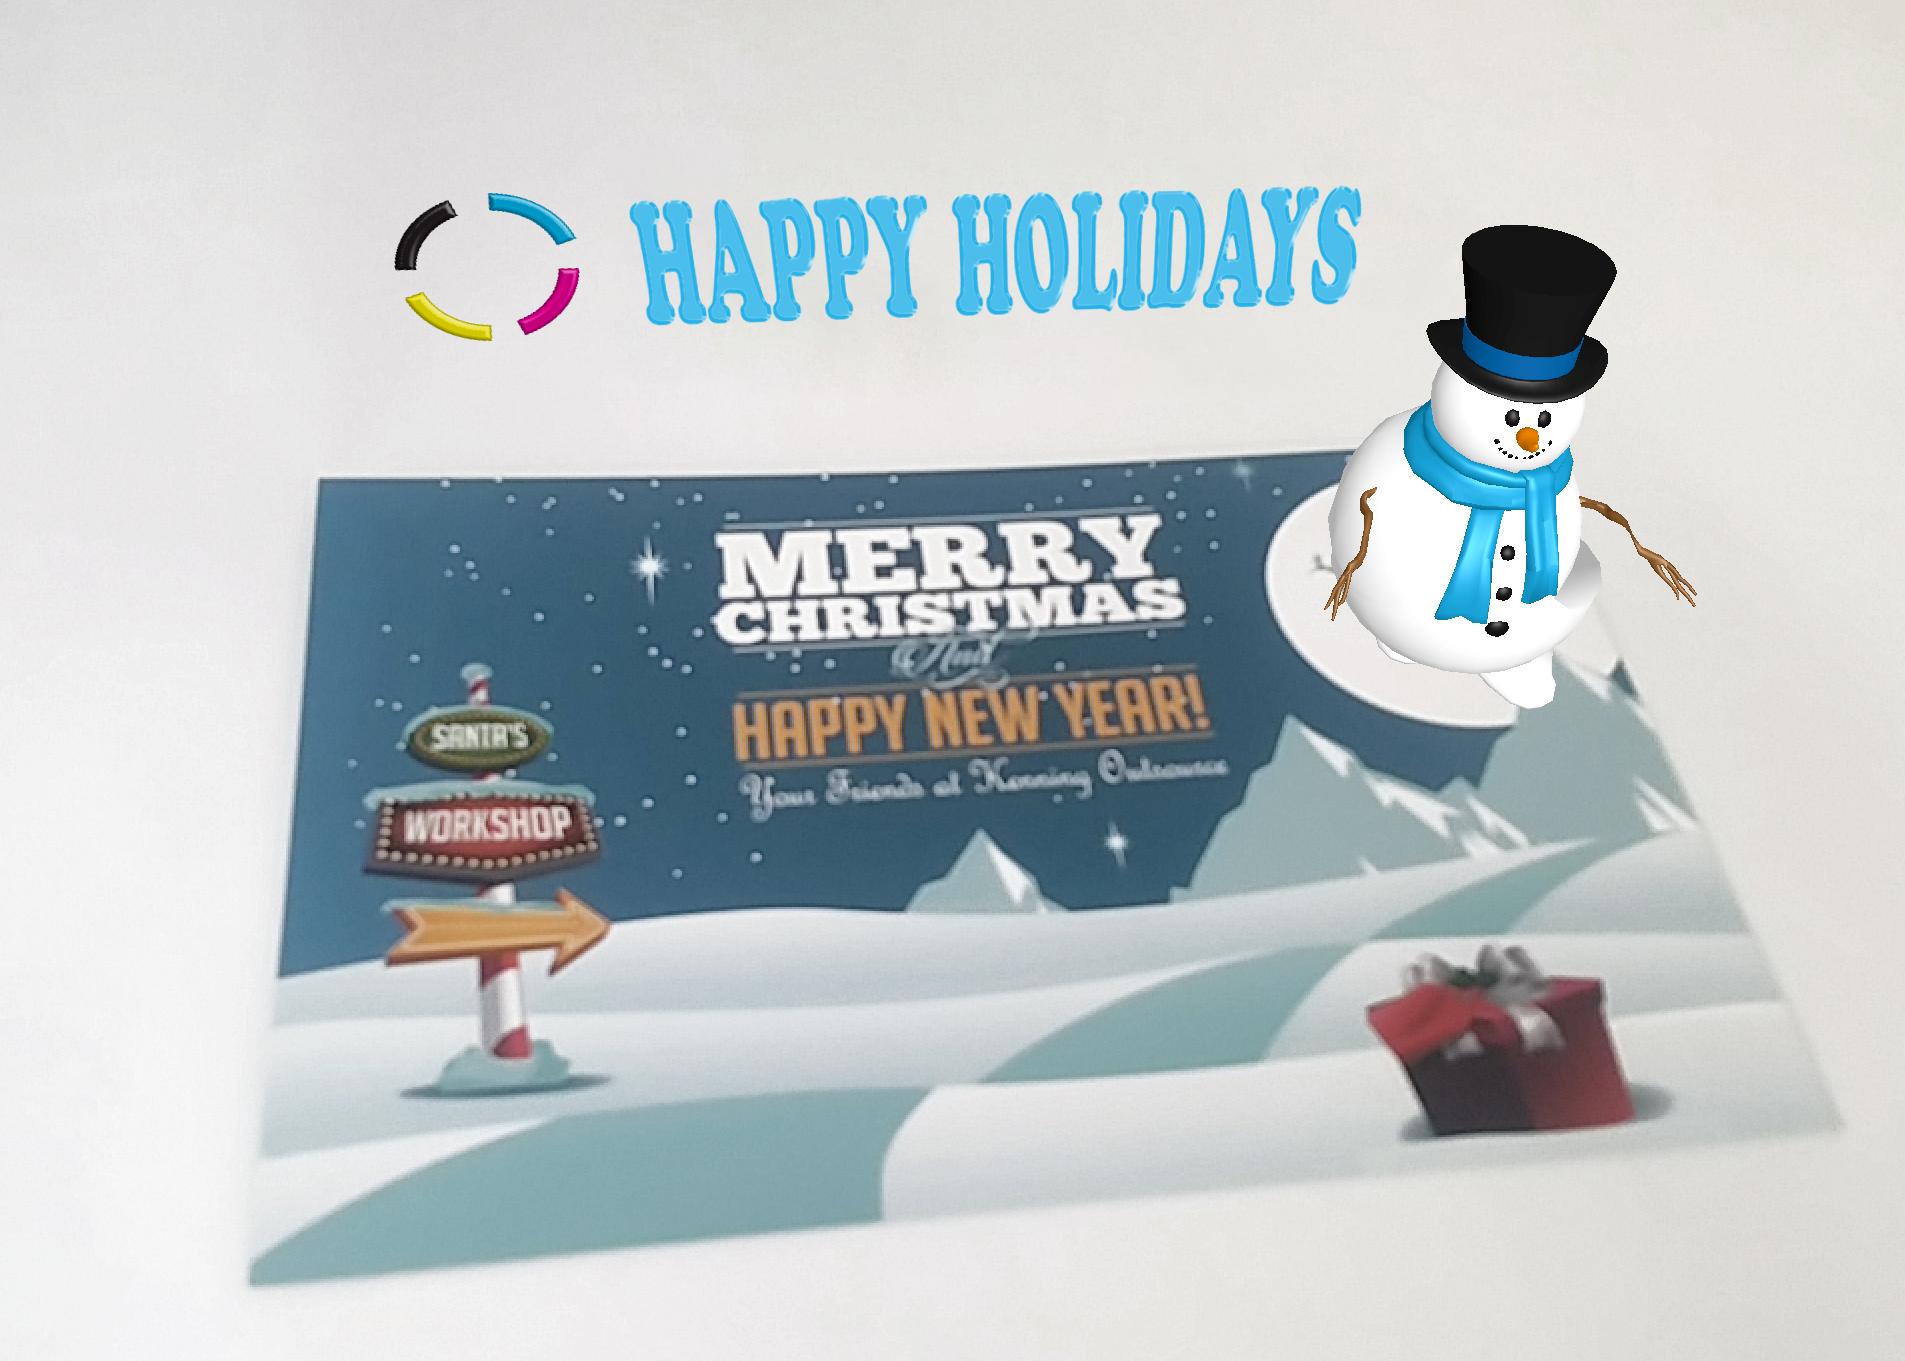 Christmas_Card_Augmented_Reality_Sample2